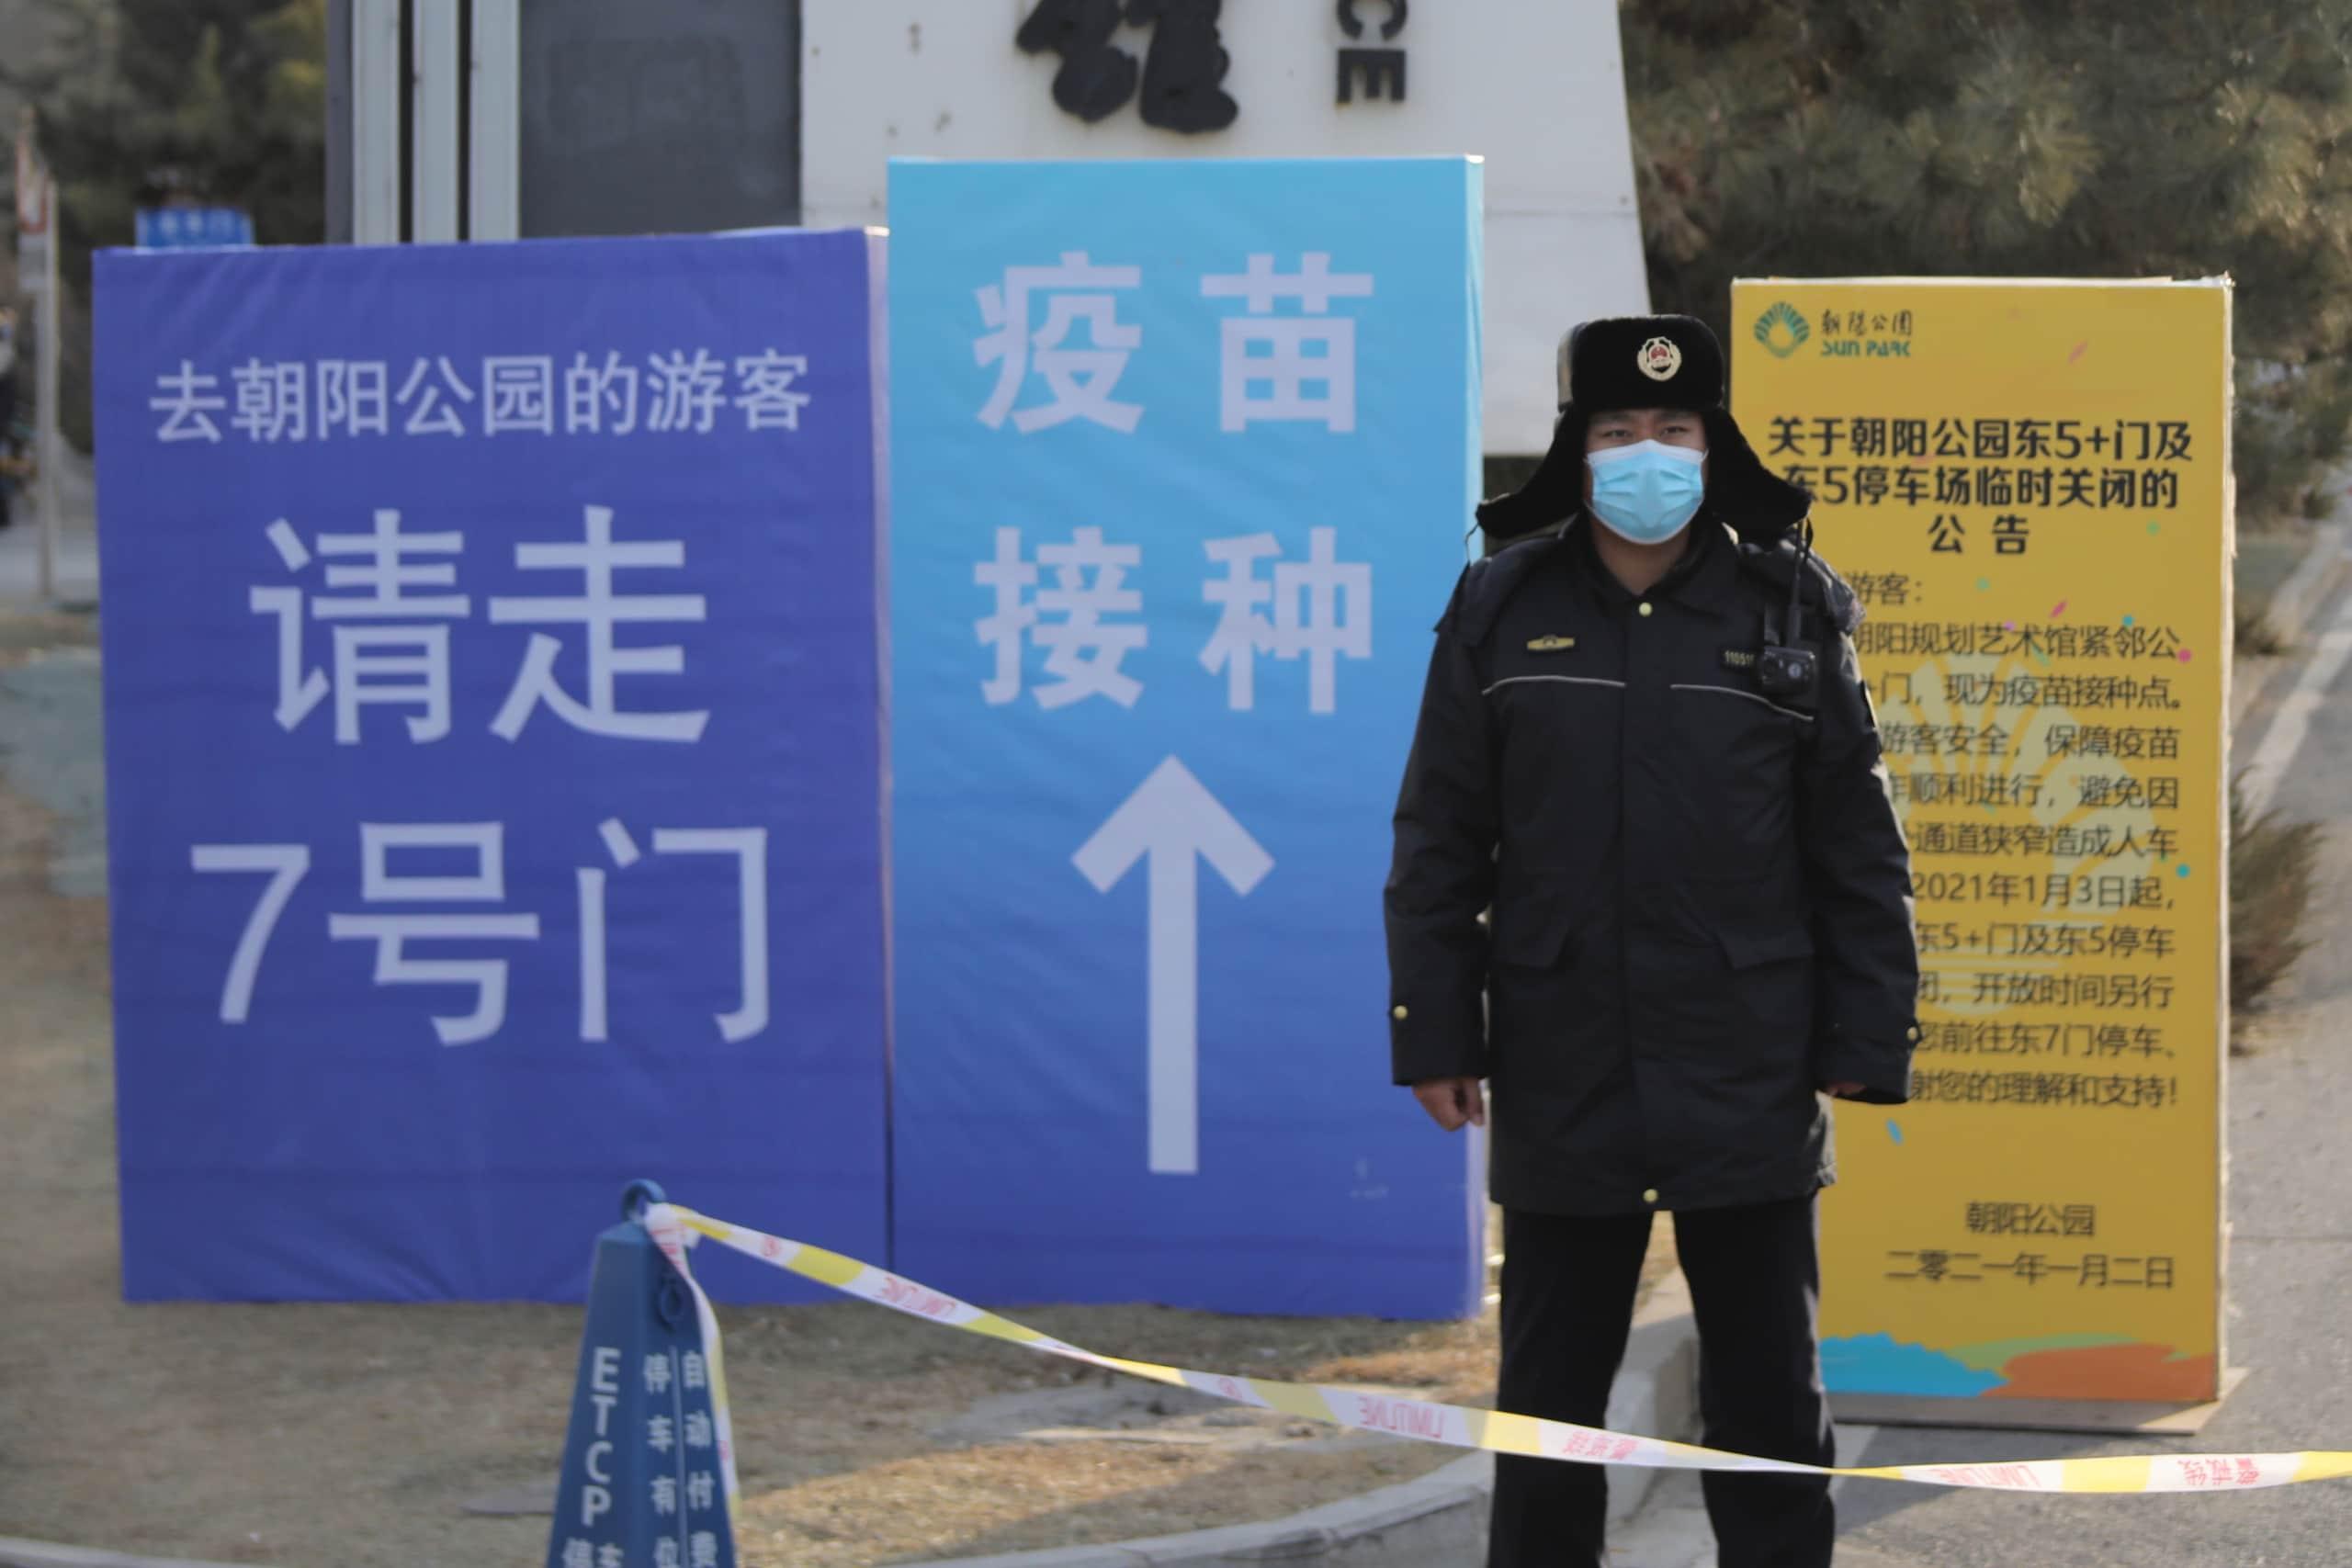 064351863 ad19217d 9917 4055 92ba 71974014d906 - Esperti dell'Oms giovedì in Cina per indagare origine Covid